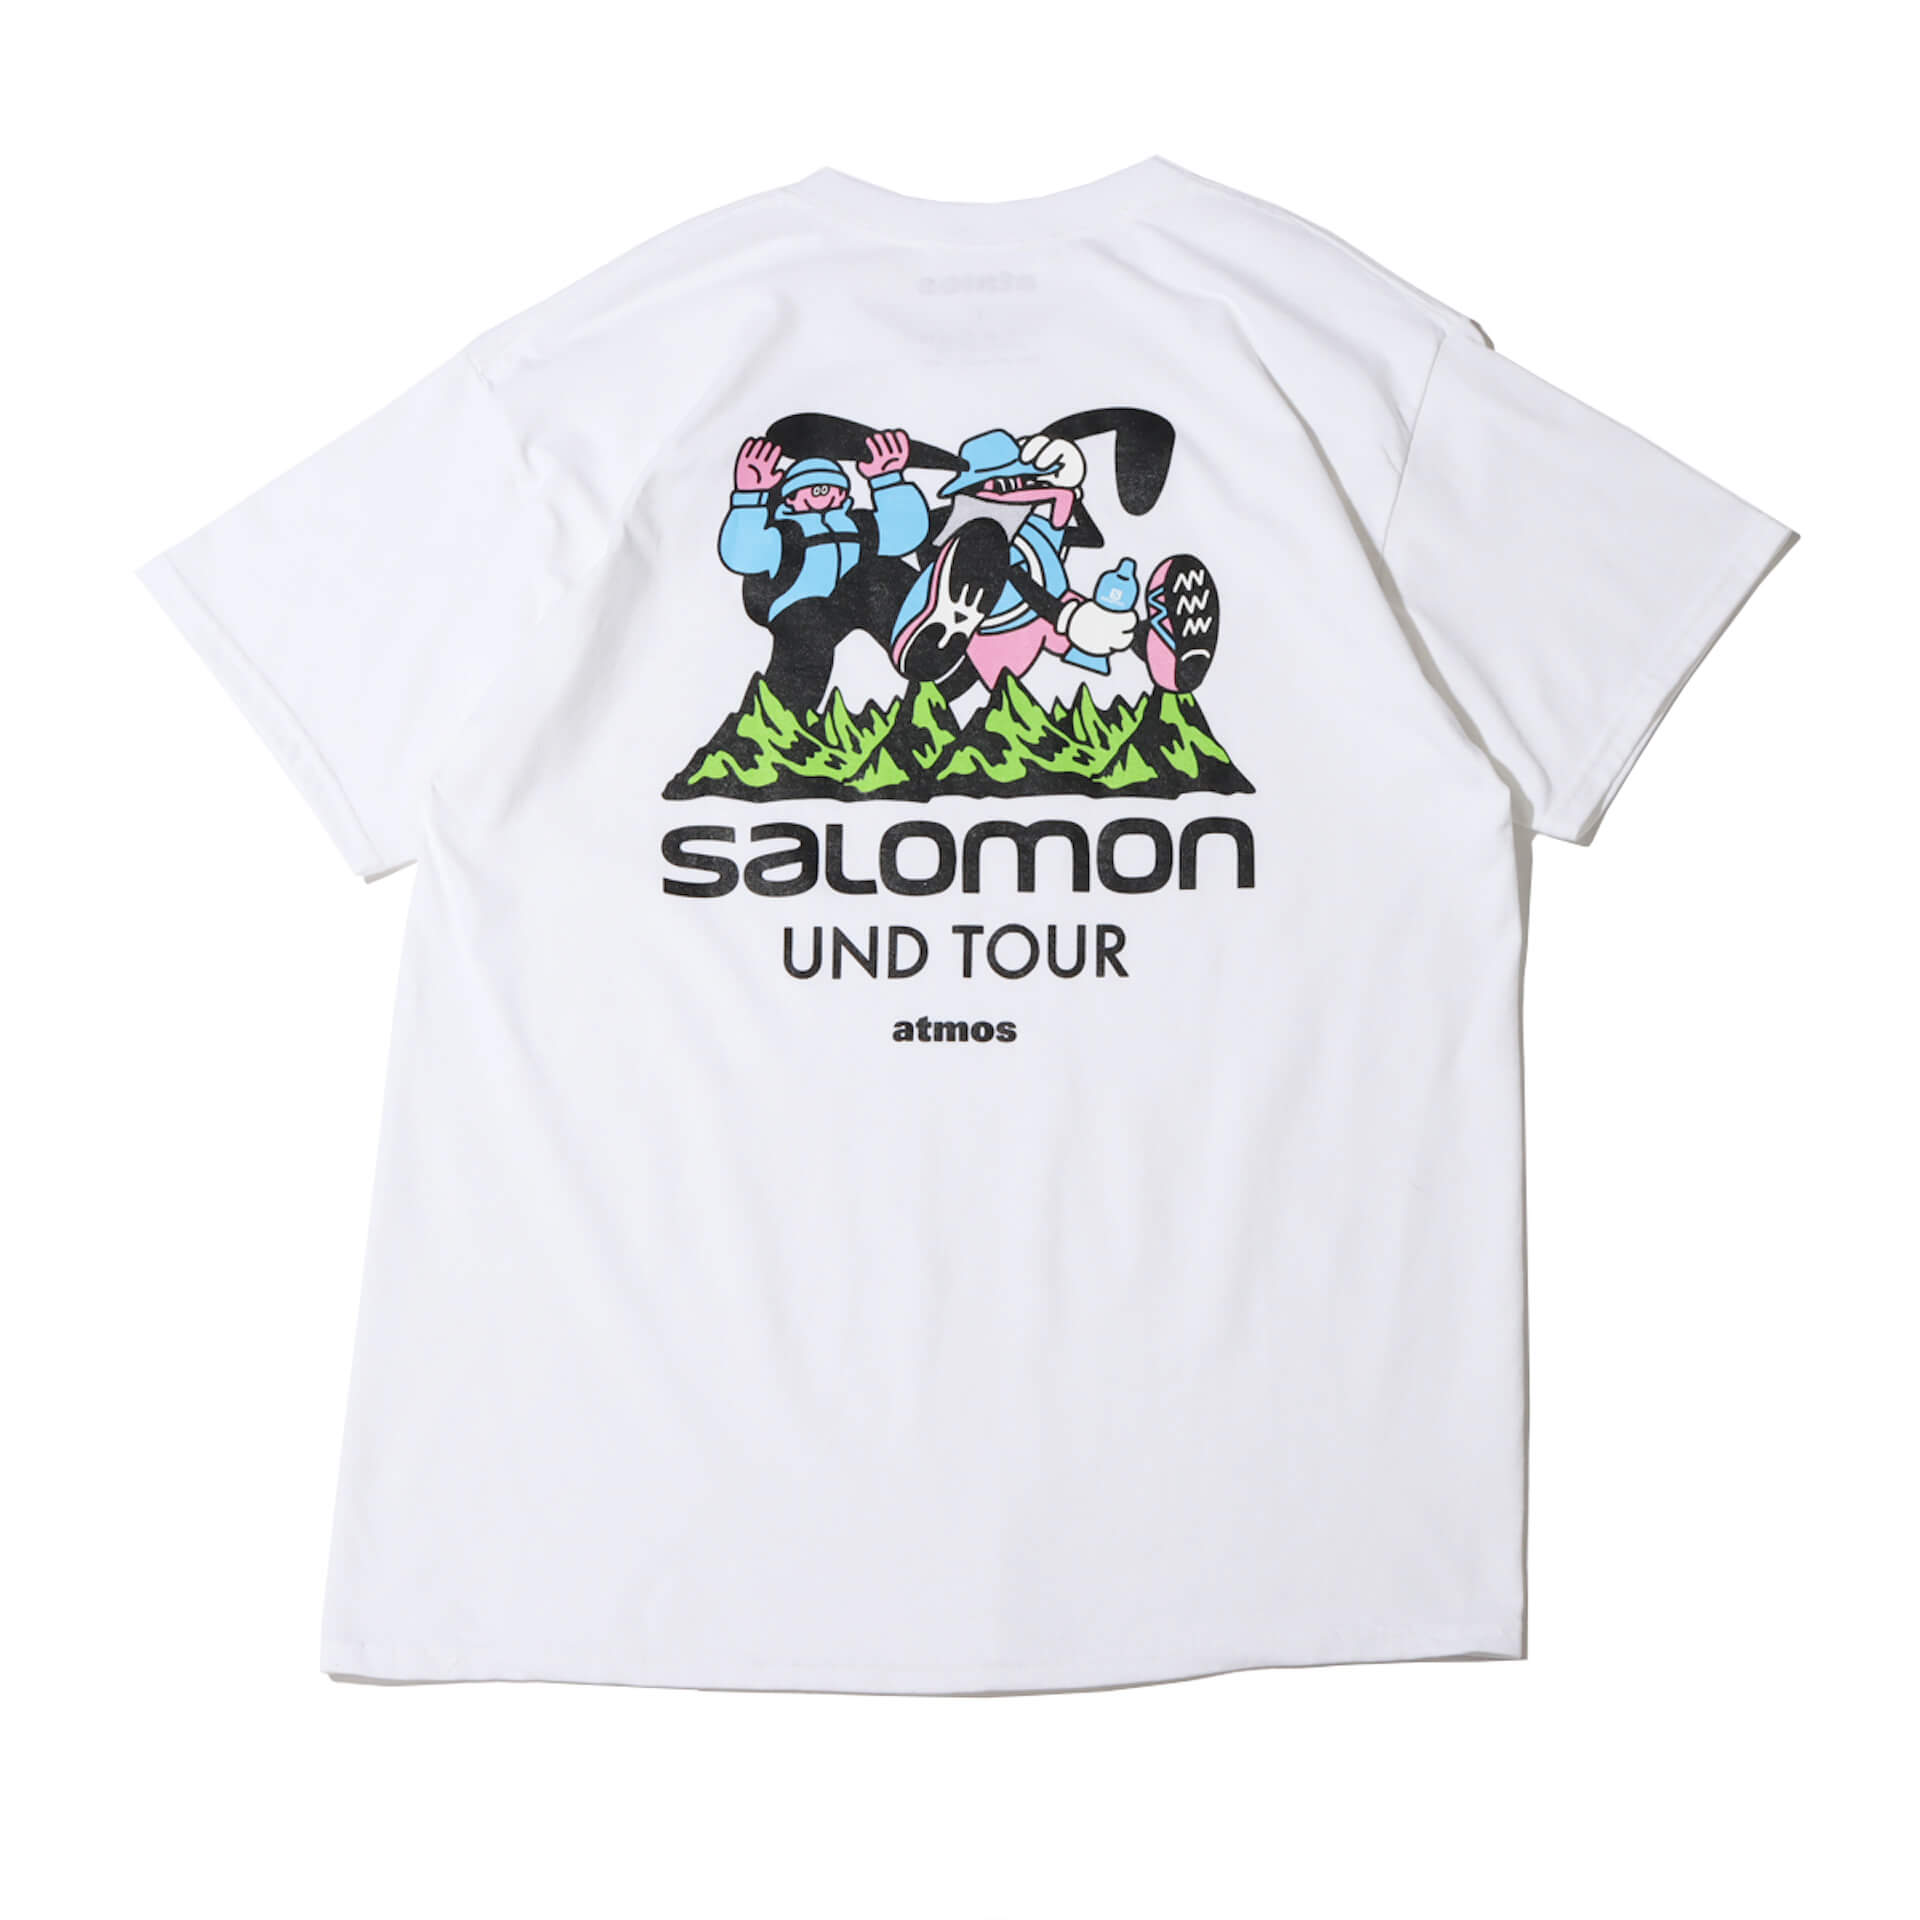 イラストレーターFACE、SHINKNOWNSUKEによるアートユニットUNDによる<First steps with Salomon〜UND TOUR〜>アート展が開催! Fashion210622_und_atoms15